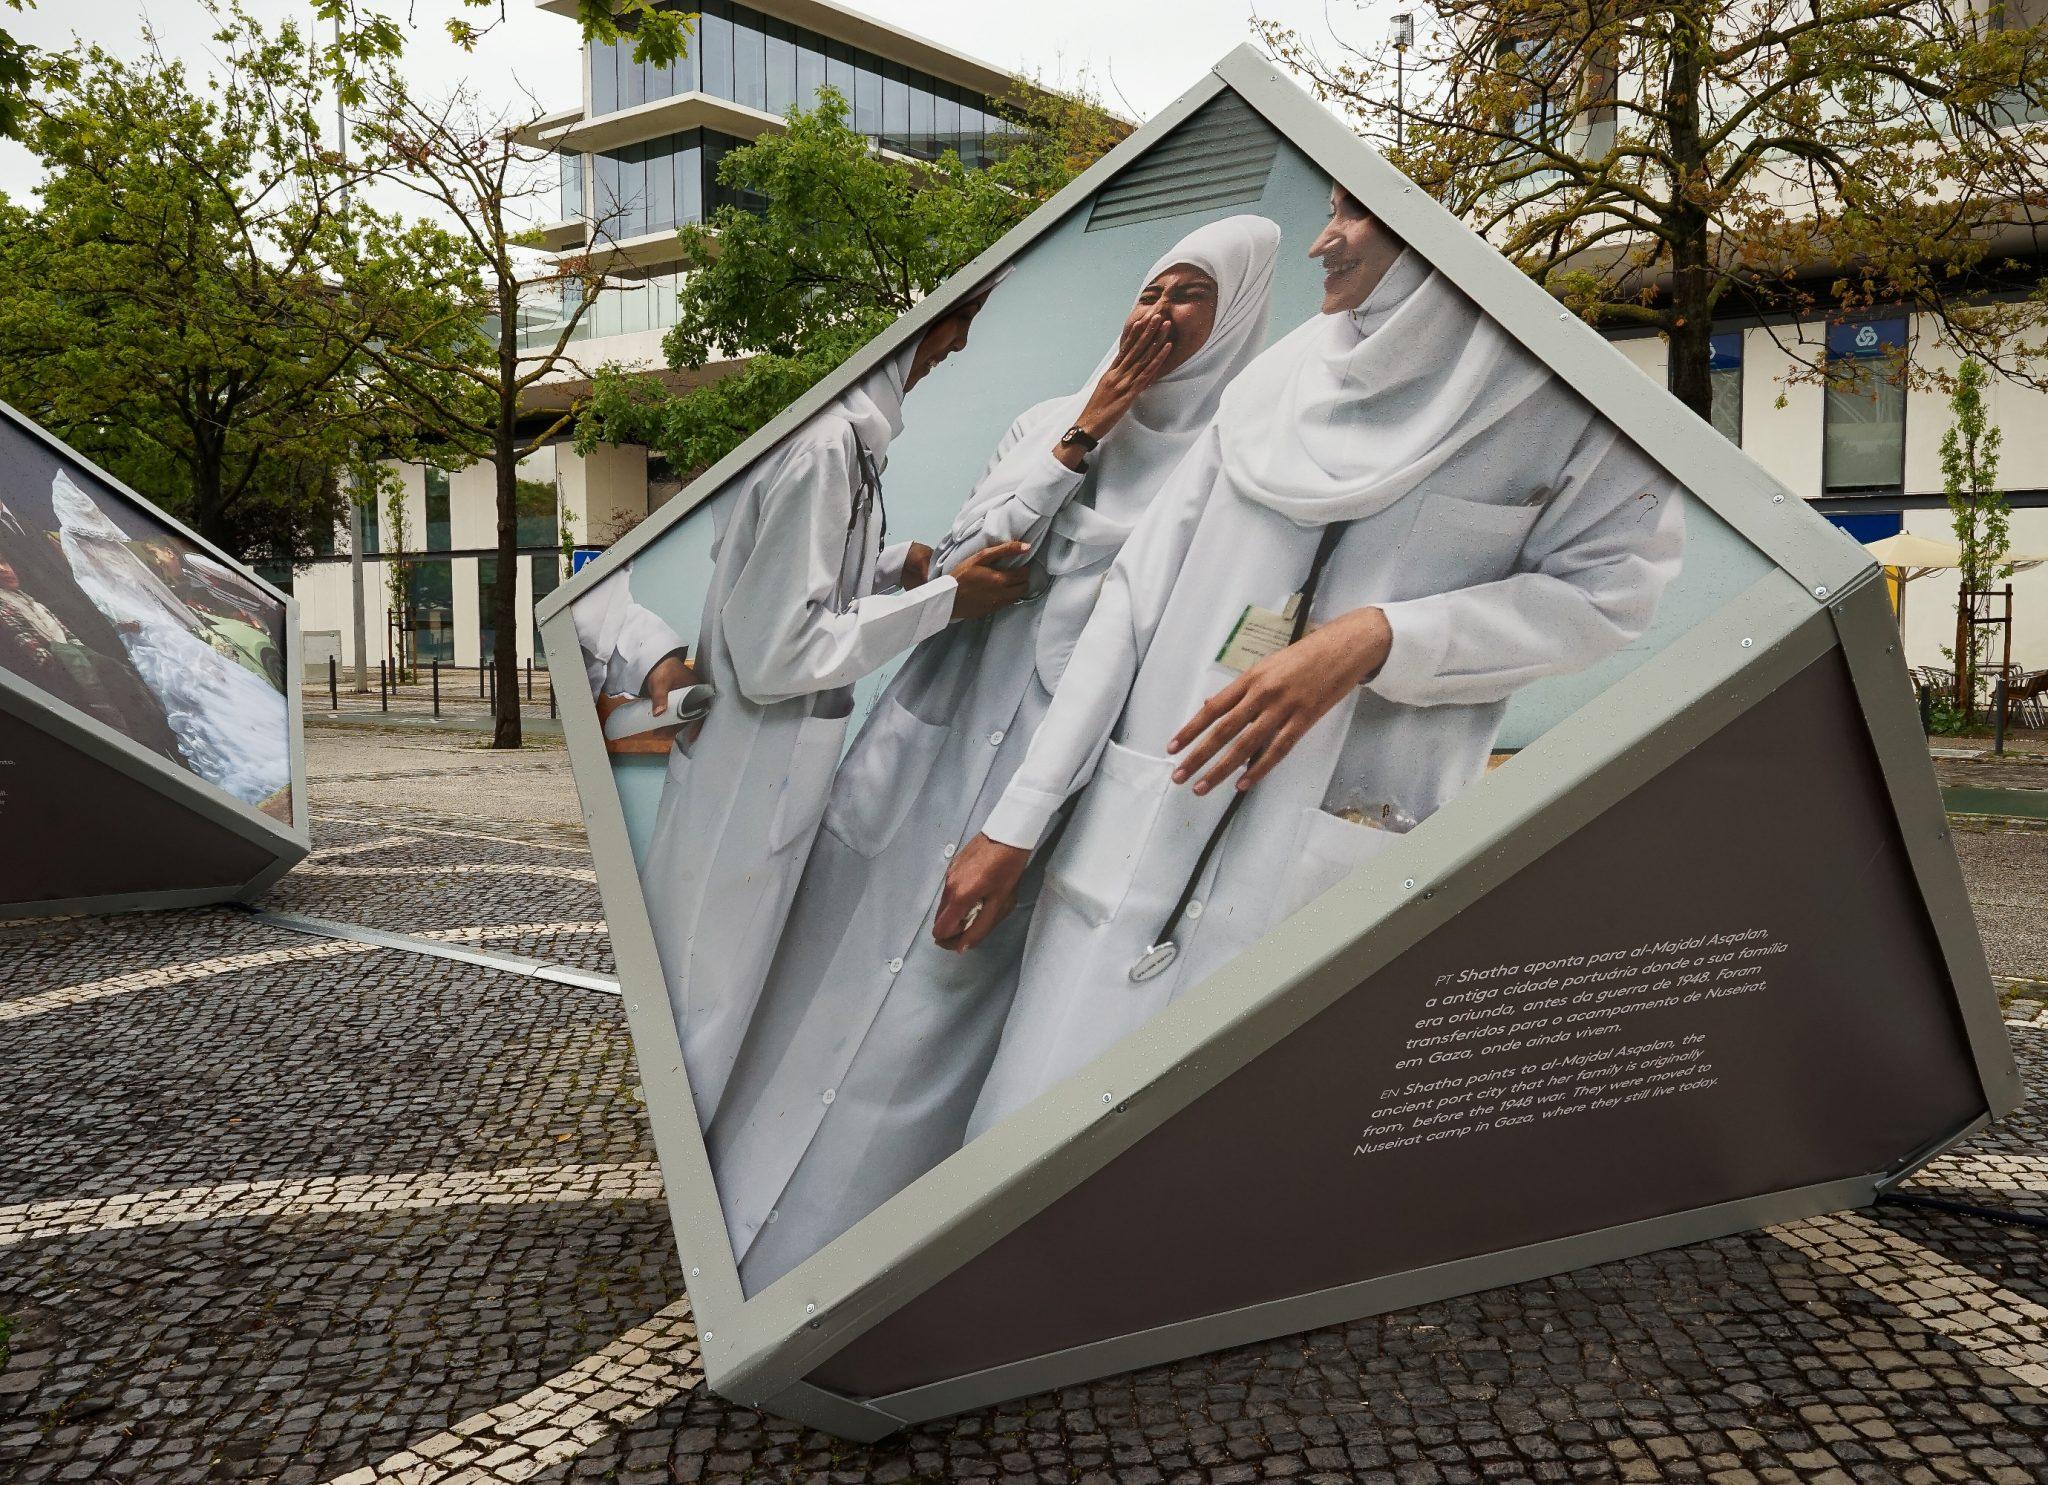 Cubo inclinado, e na diagonal para o observador, exibindo uma fotografia de jovens palestinianas com véus brancos, que integra a exposição